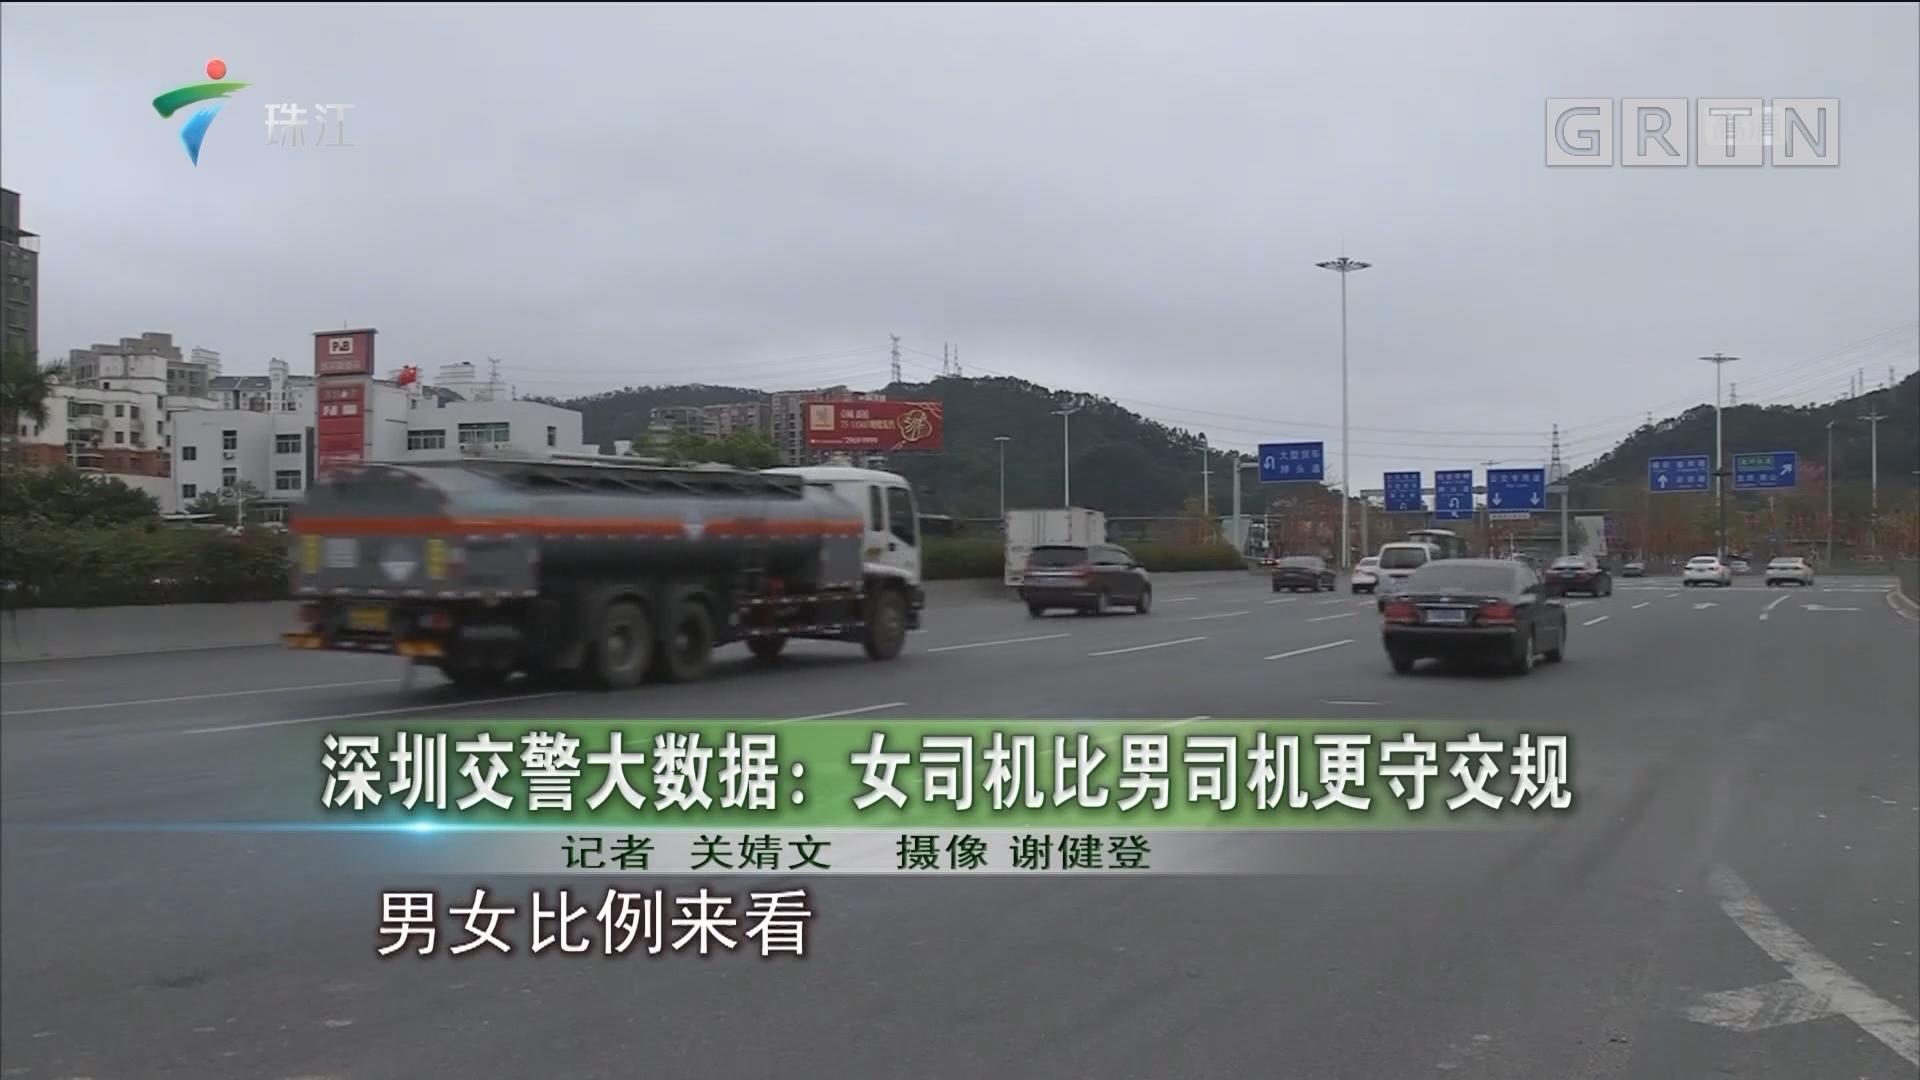 深圳交警大数据:女司机比男司机更守交规